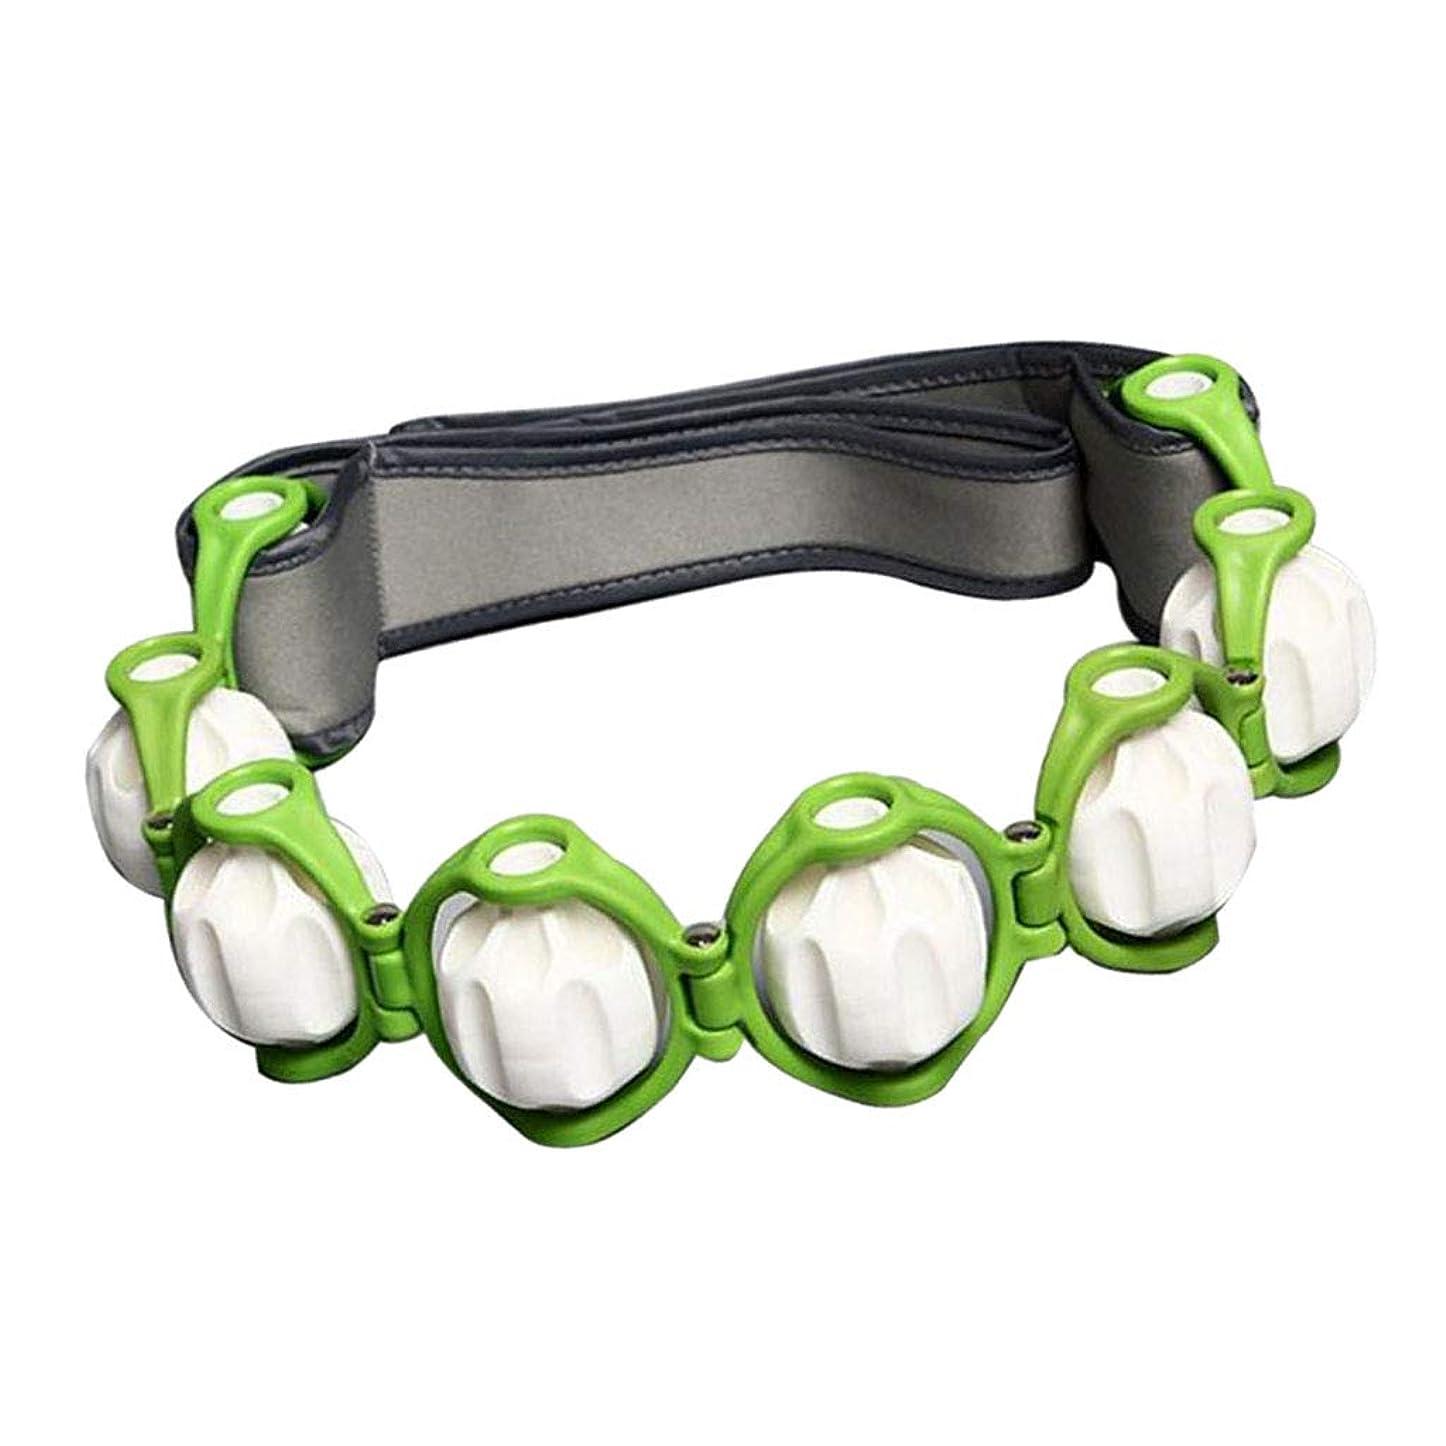 中世の読みやすさバクテリアchiwanji トリガーポイントノードローリングボール付きハンドヘルドフルボディマッサージローラーロープ - 緑, 説明したように